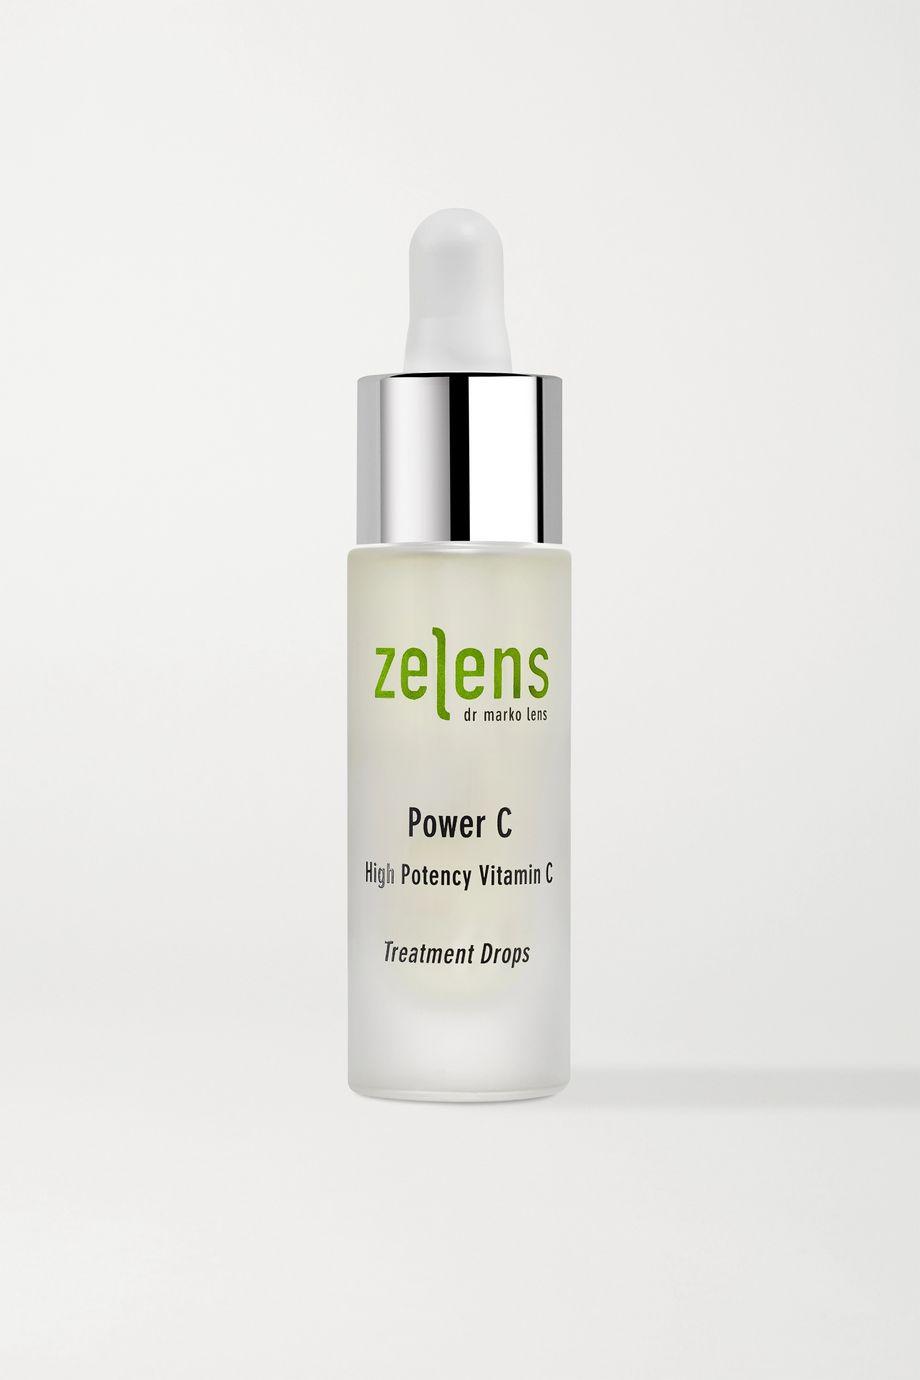 Zelens Power C Treatment Drops, 10 ml – Serum